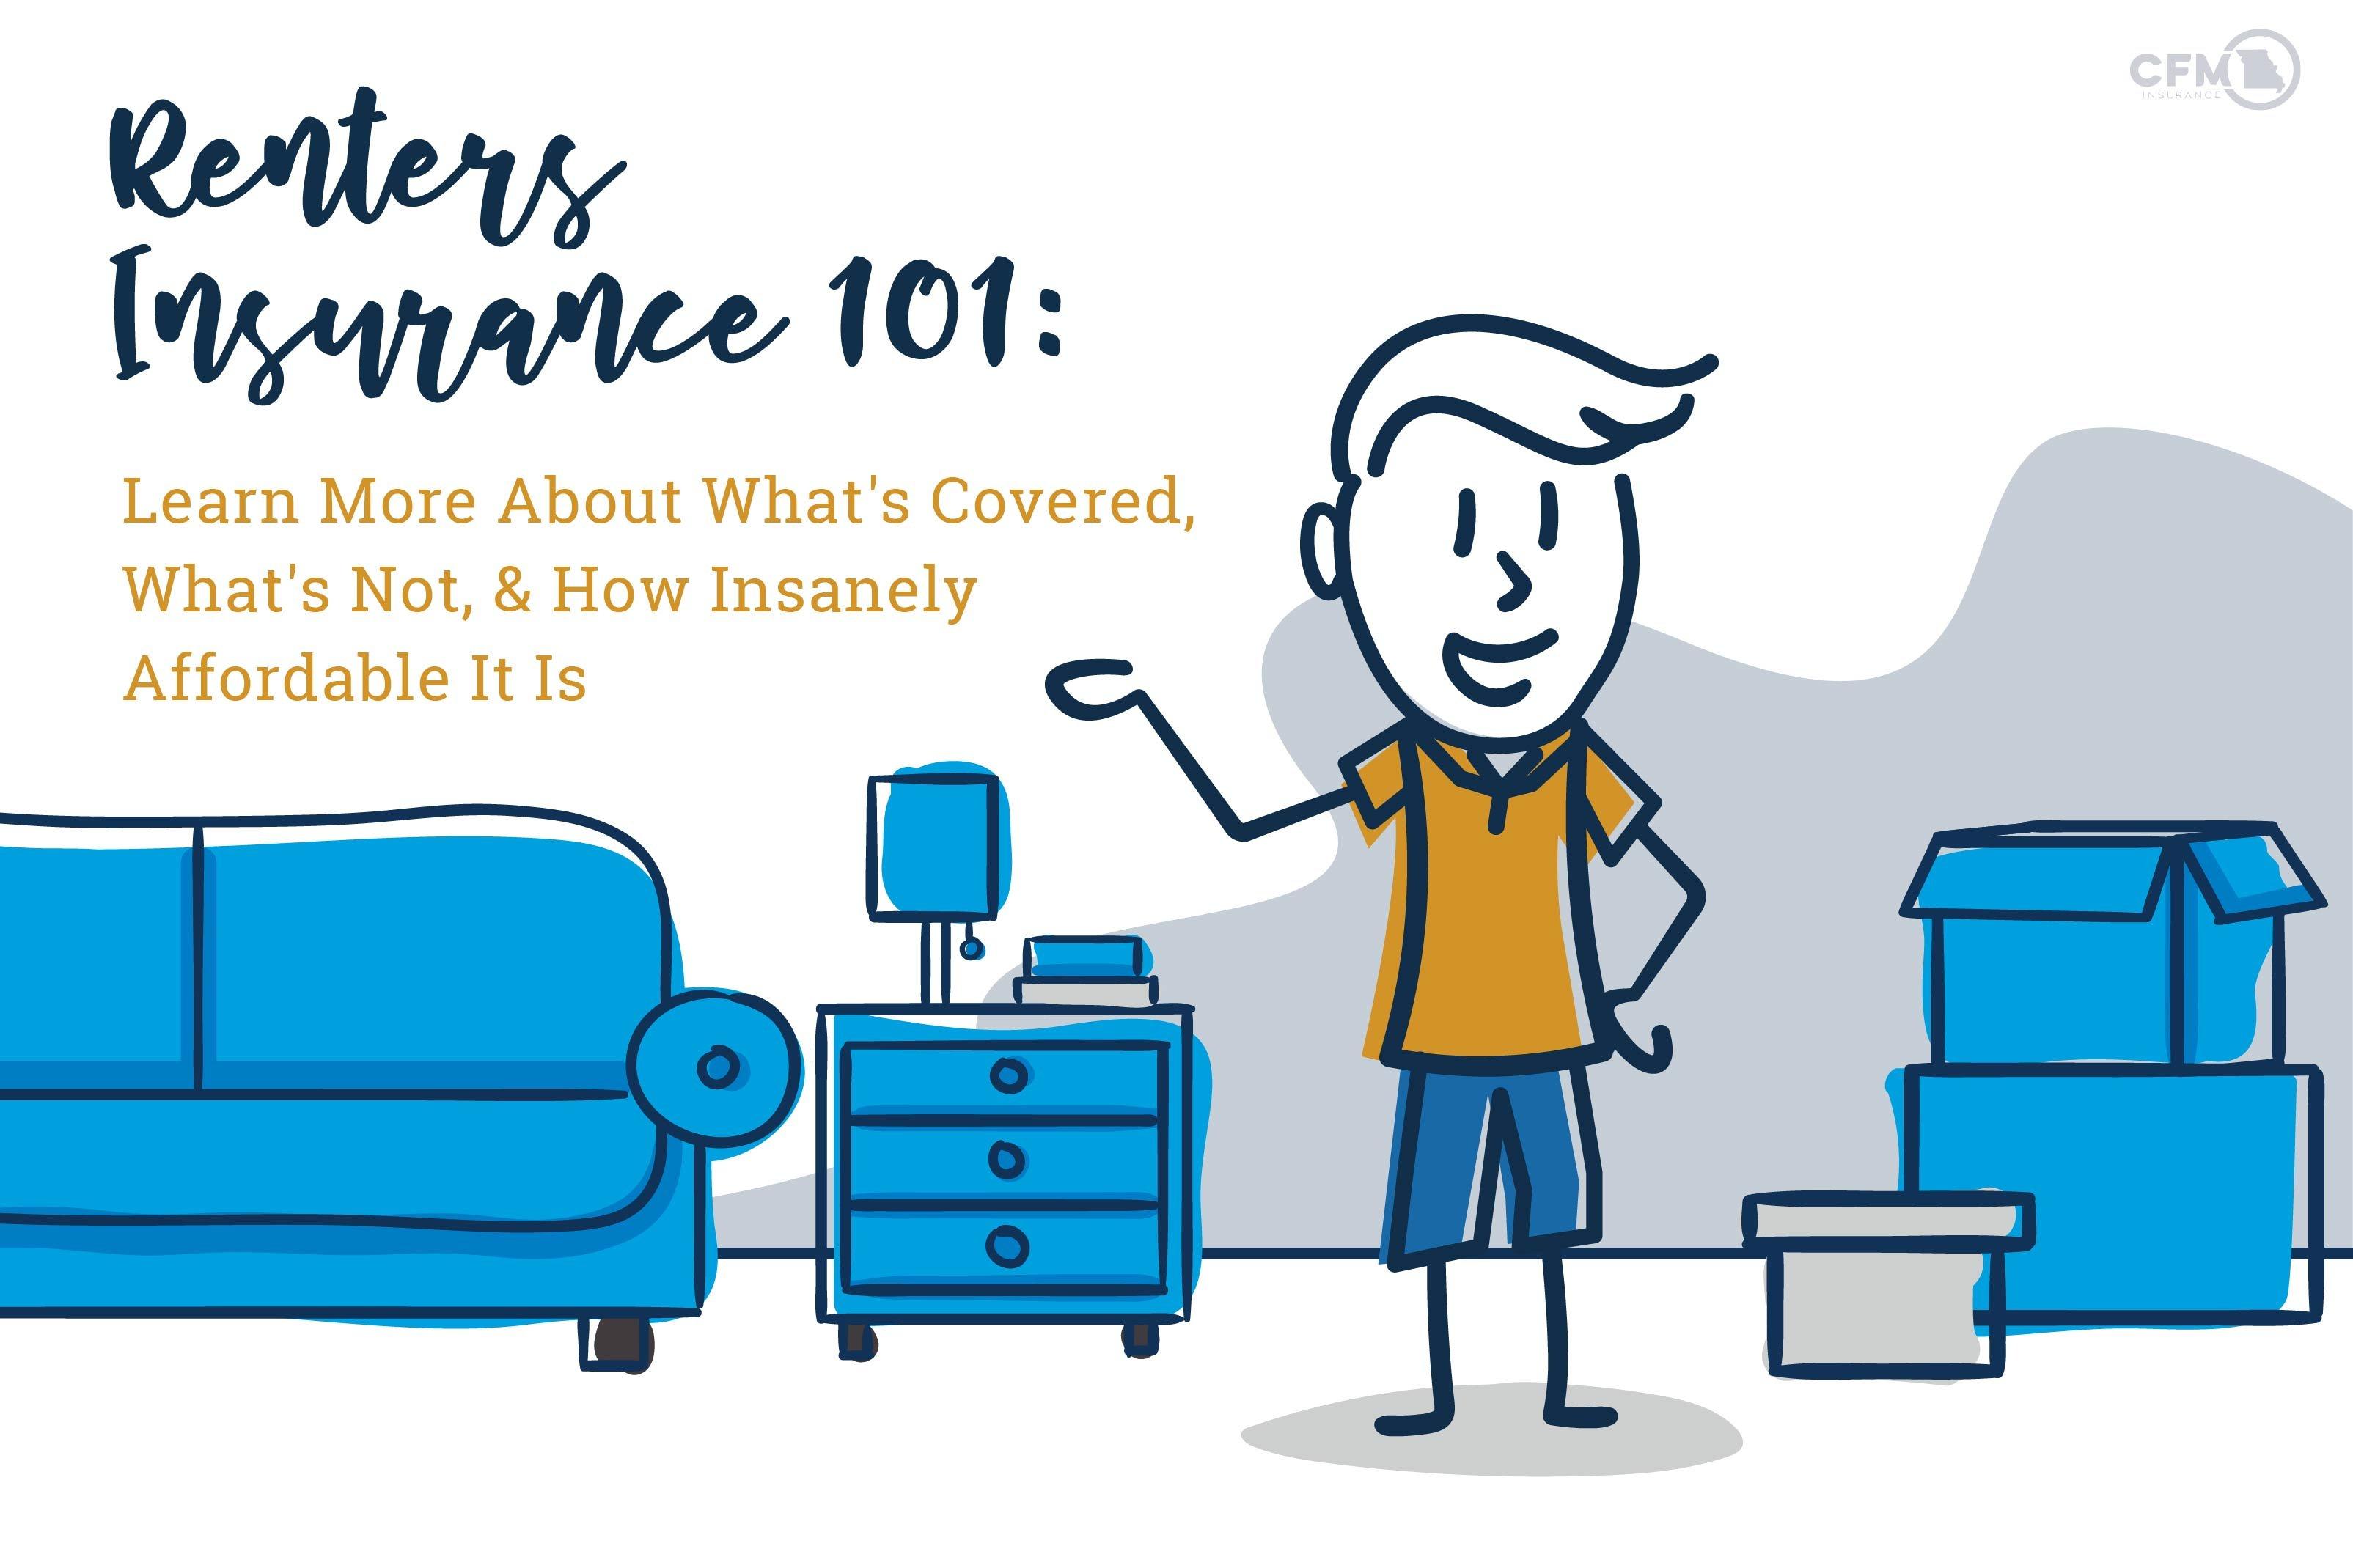 7. 4501B_Renters Insurance 101 CTA_Blog-01